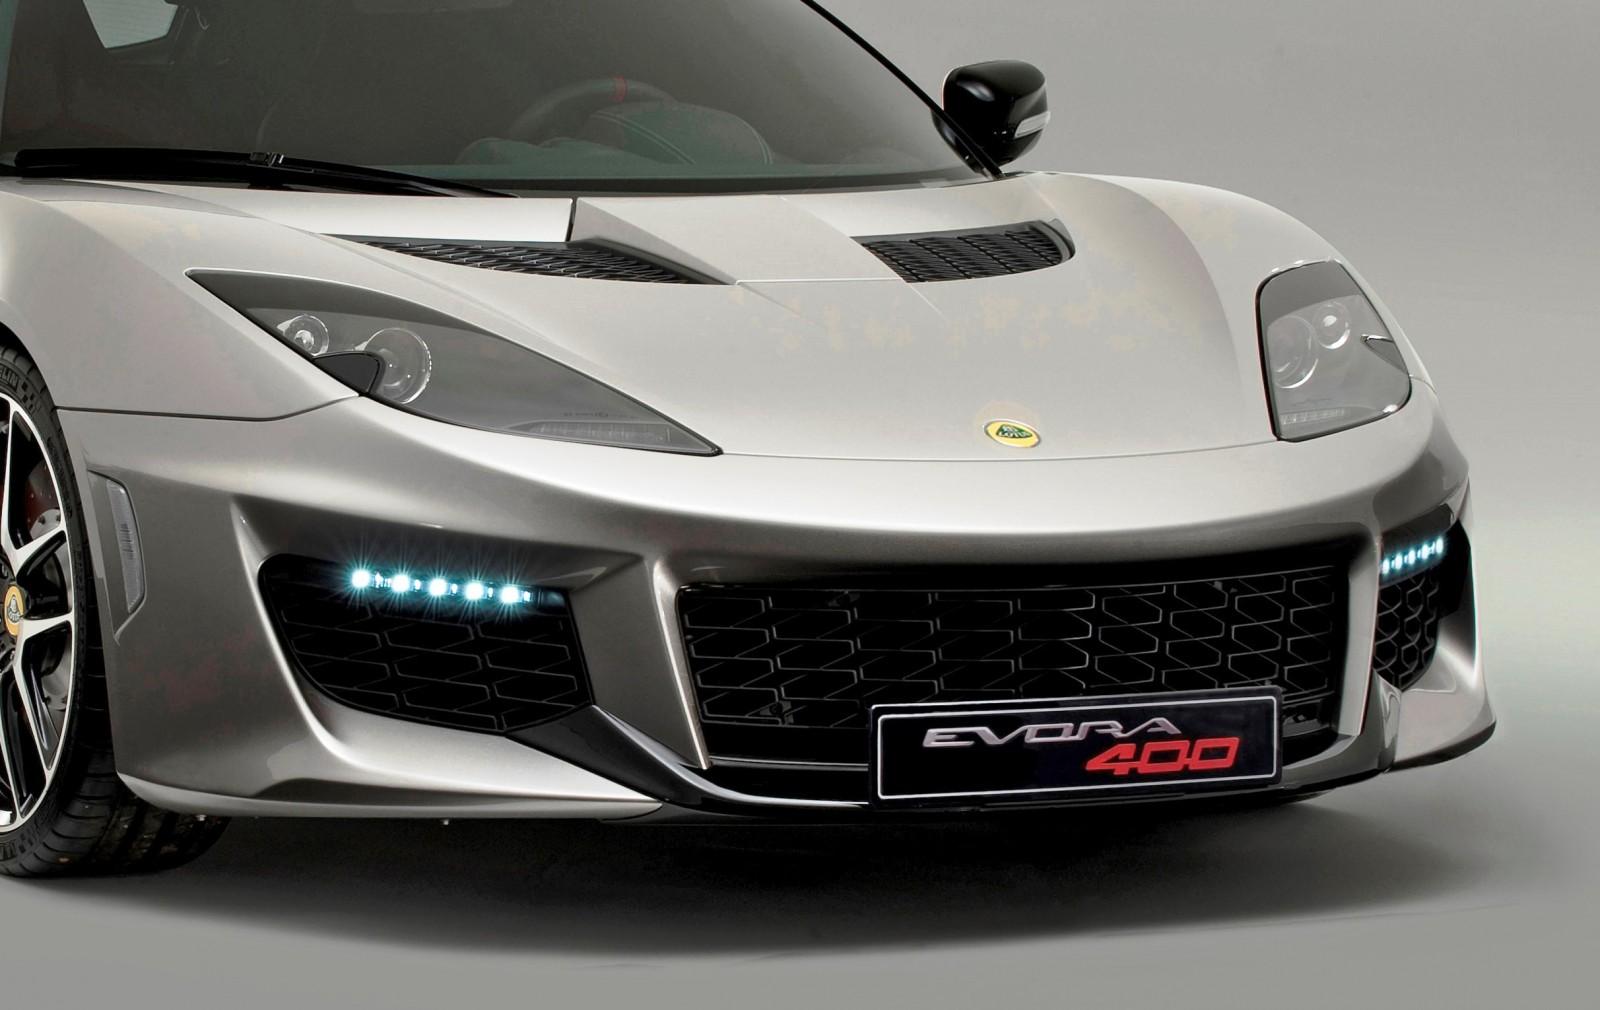 2016 Lotus Evora 400 3